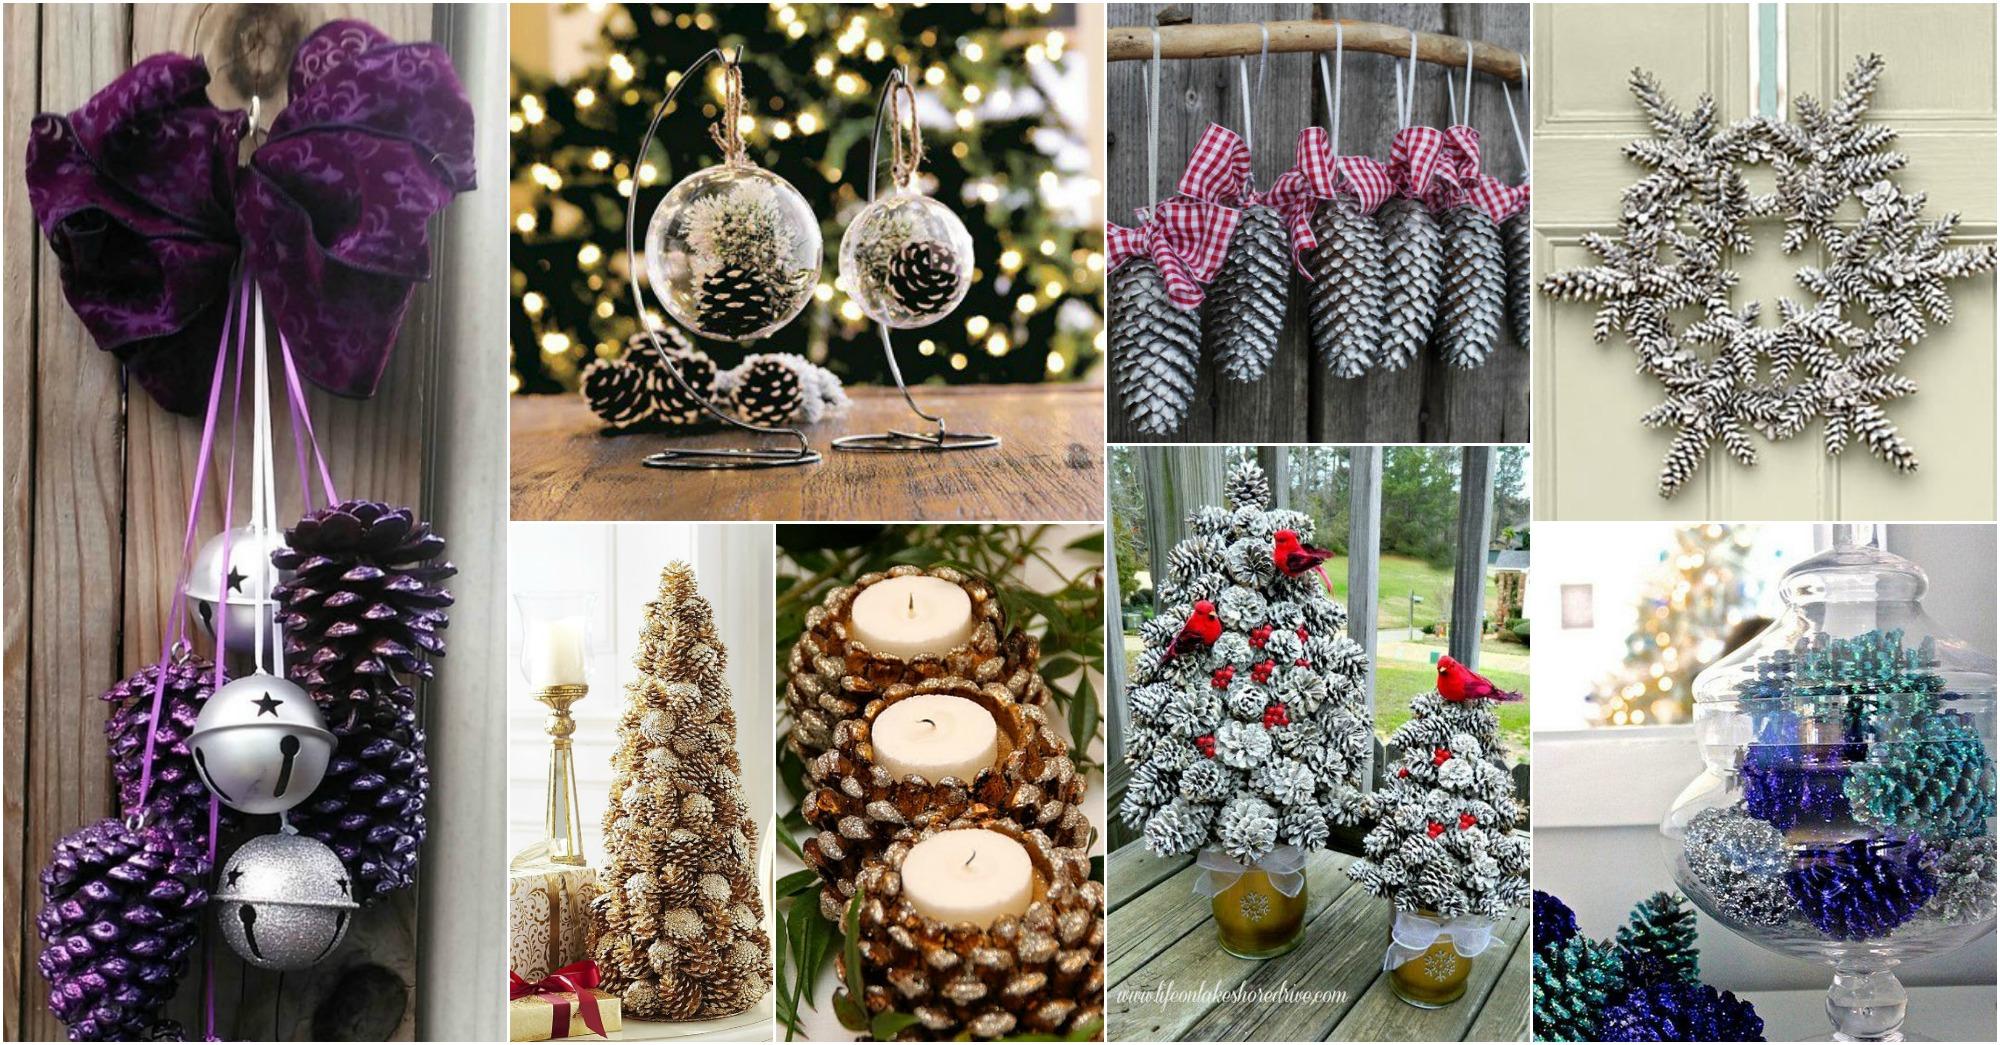 15 impressionantes artesan as navide as con conos de pino - Decoracion navidena con pinas ...